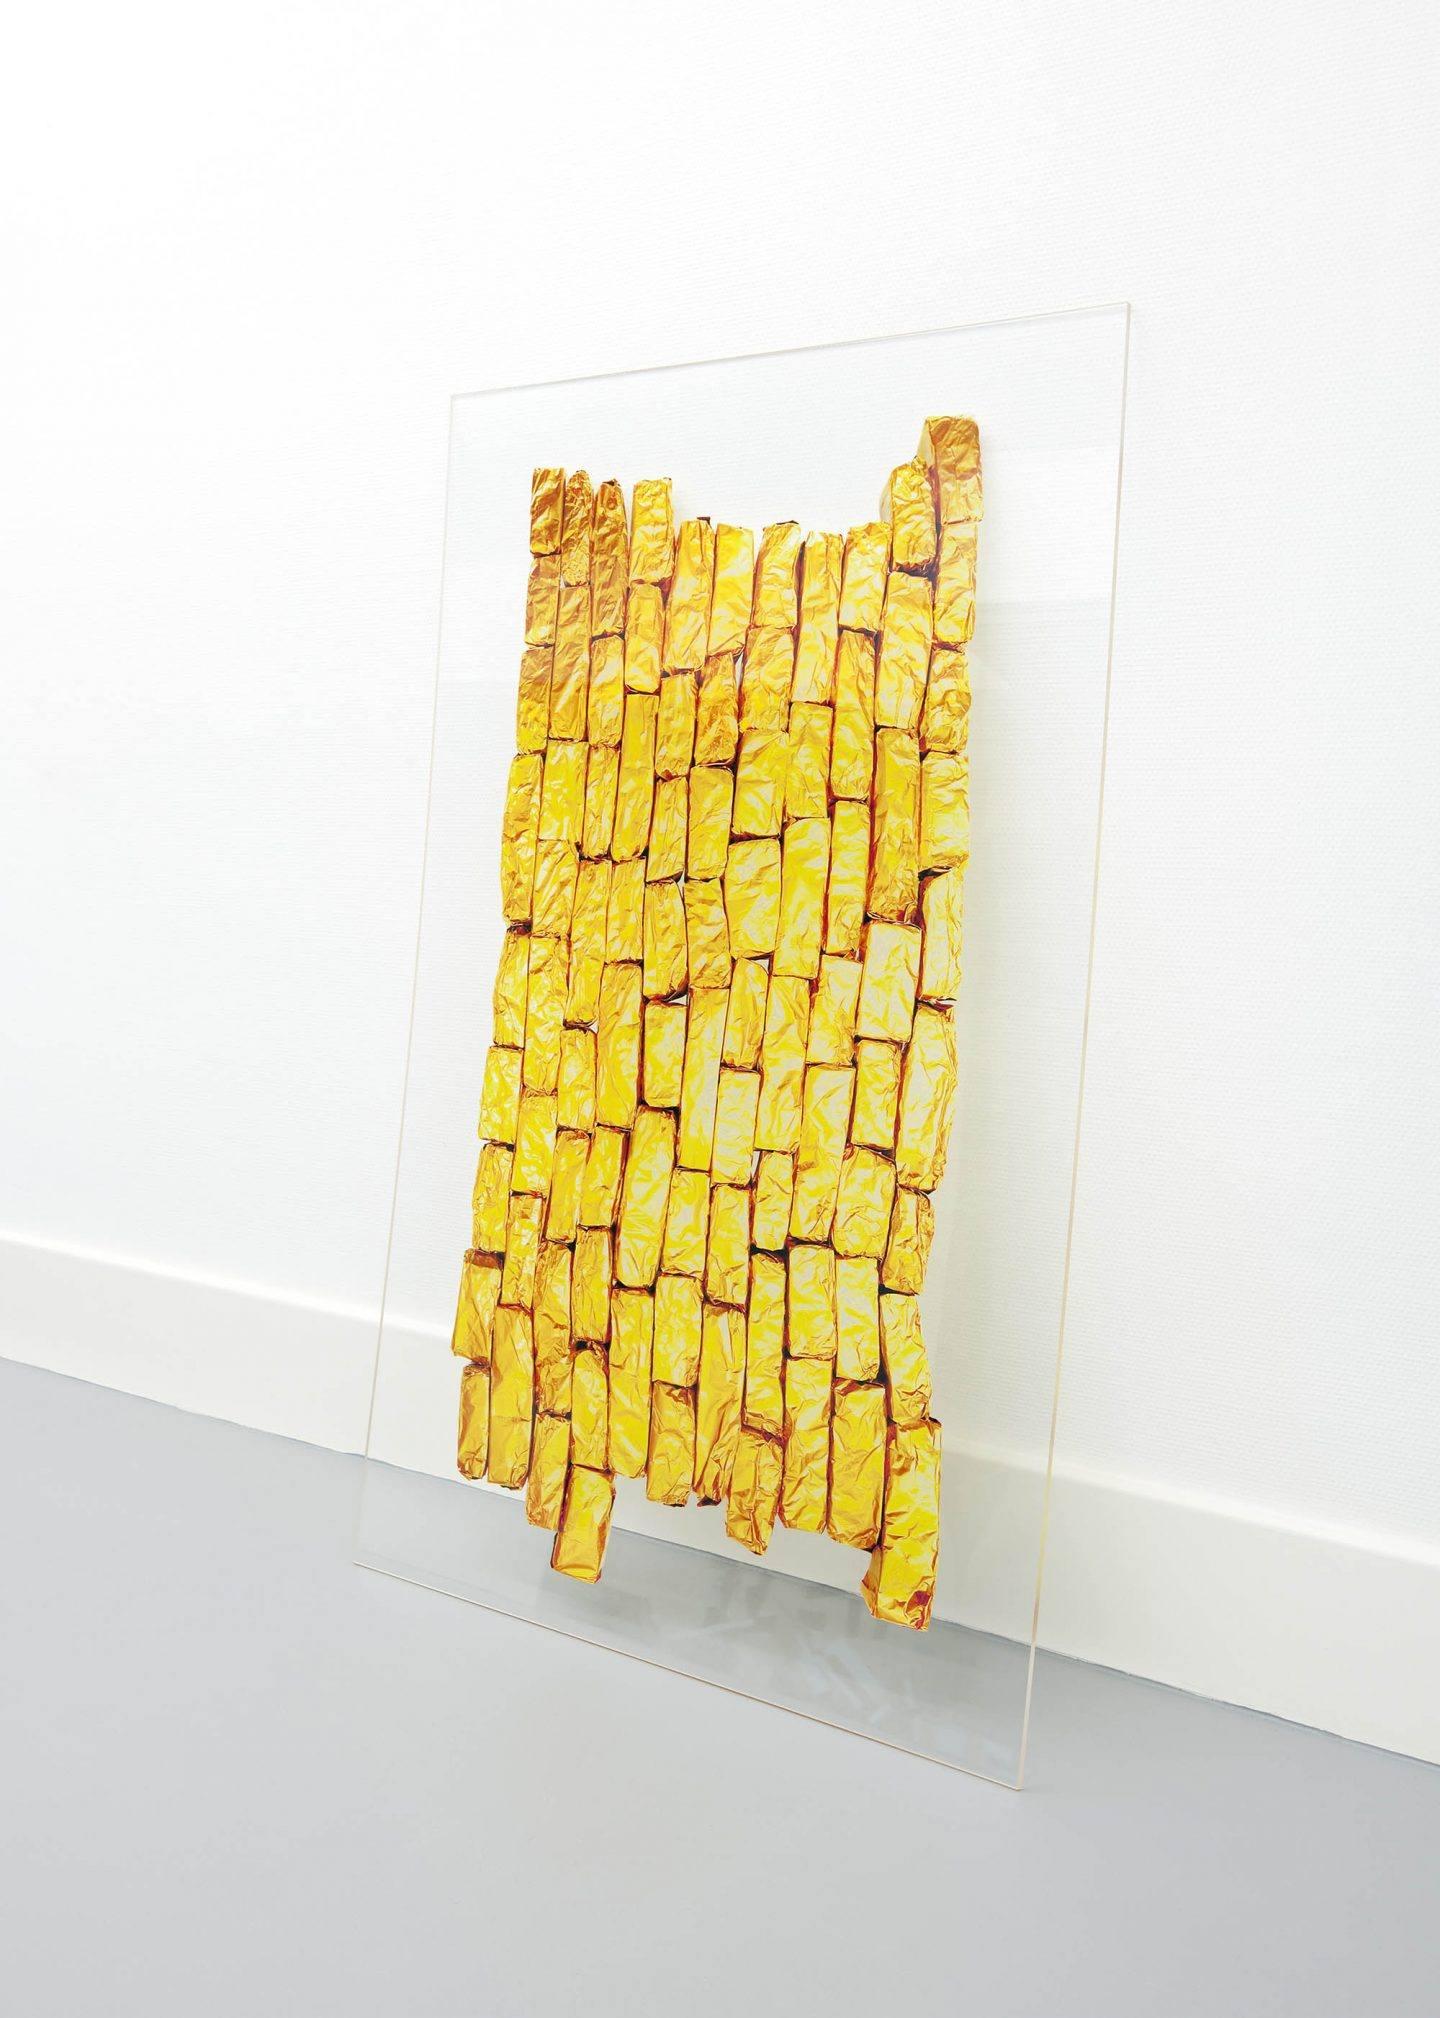 IGNANT-Art-Marleen-Sleeuwits-Installations-011